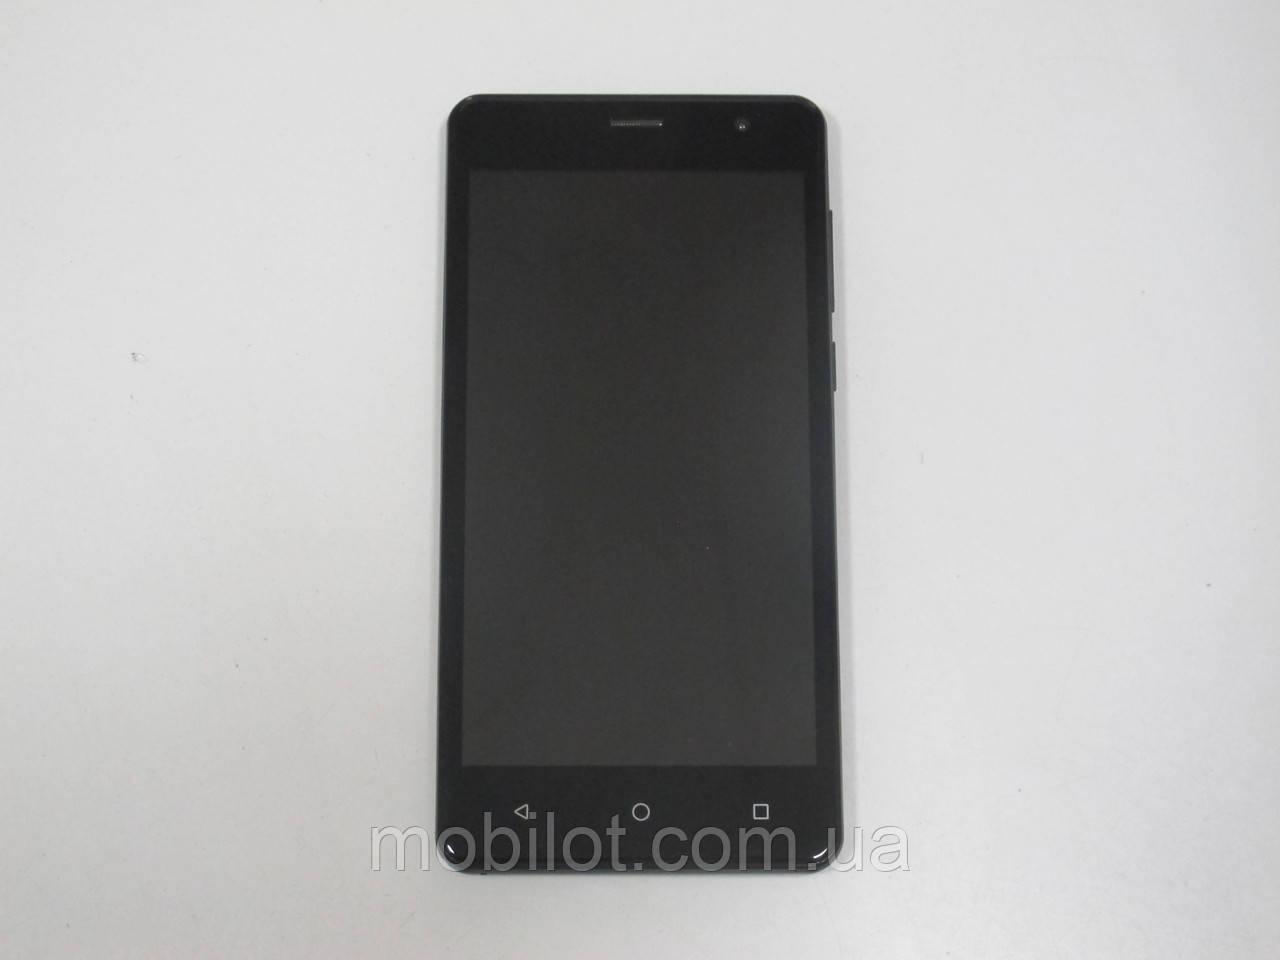 Мобильный телефон Nomi i5010 (TZ-6641)